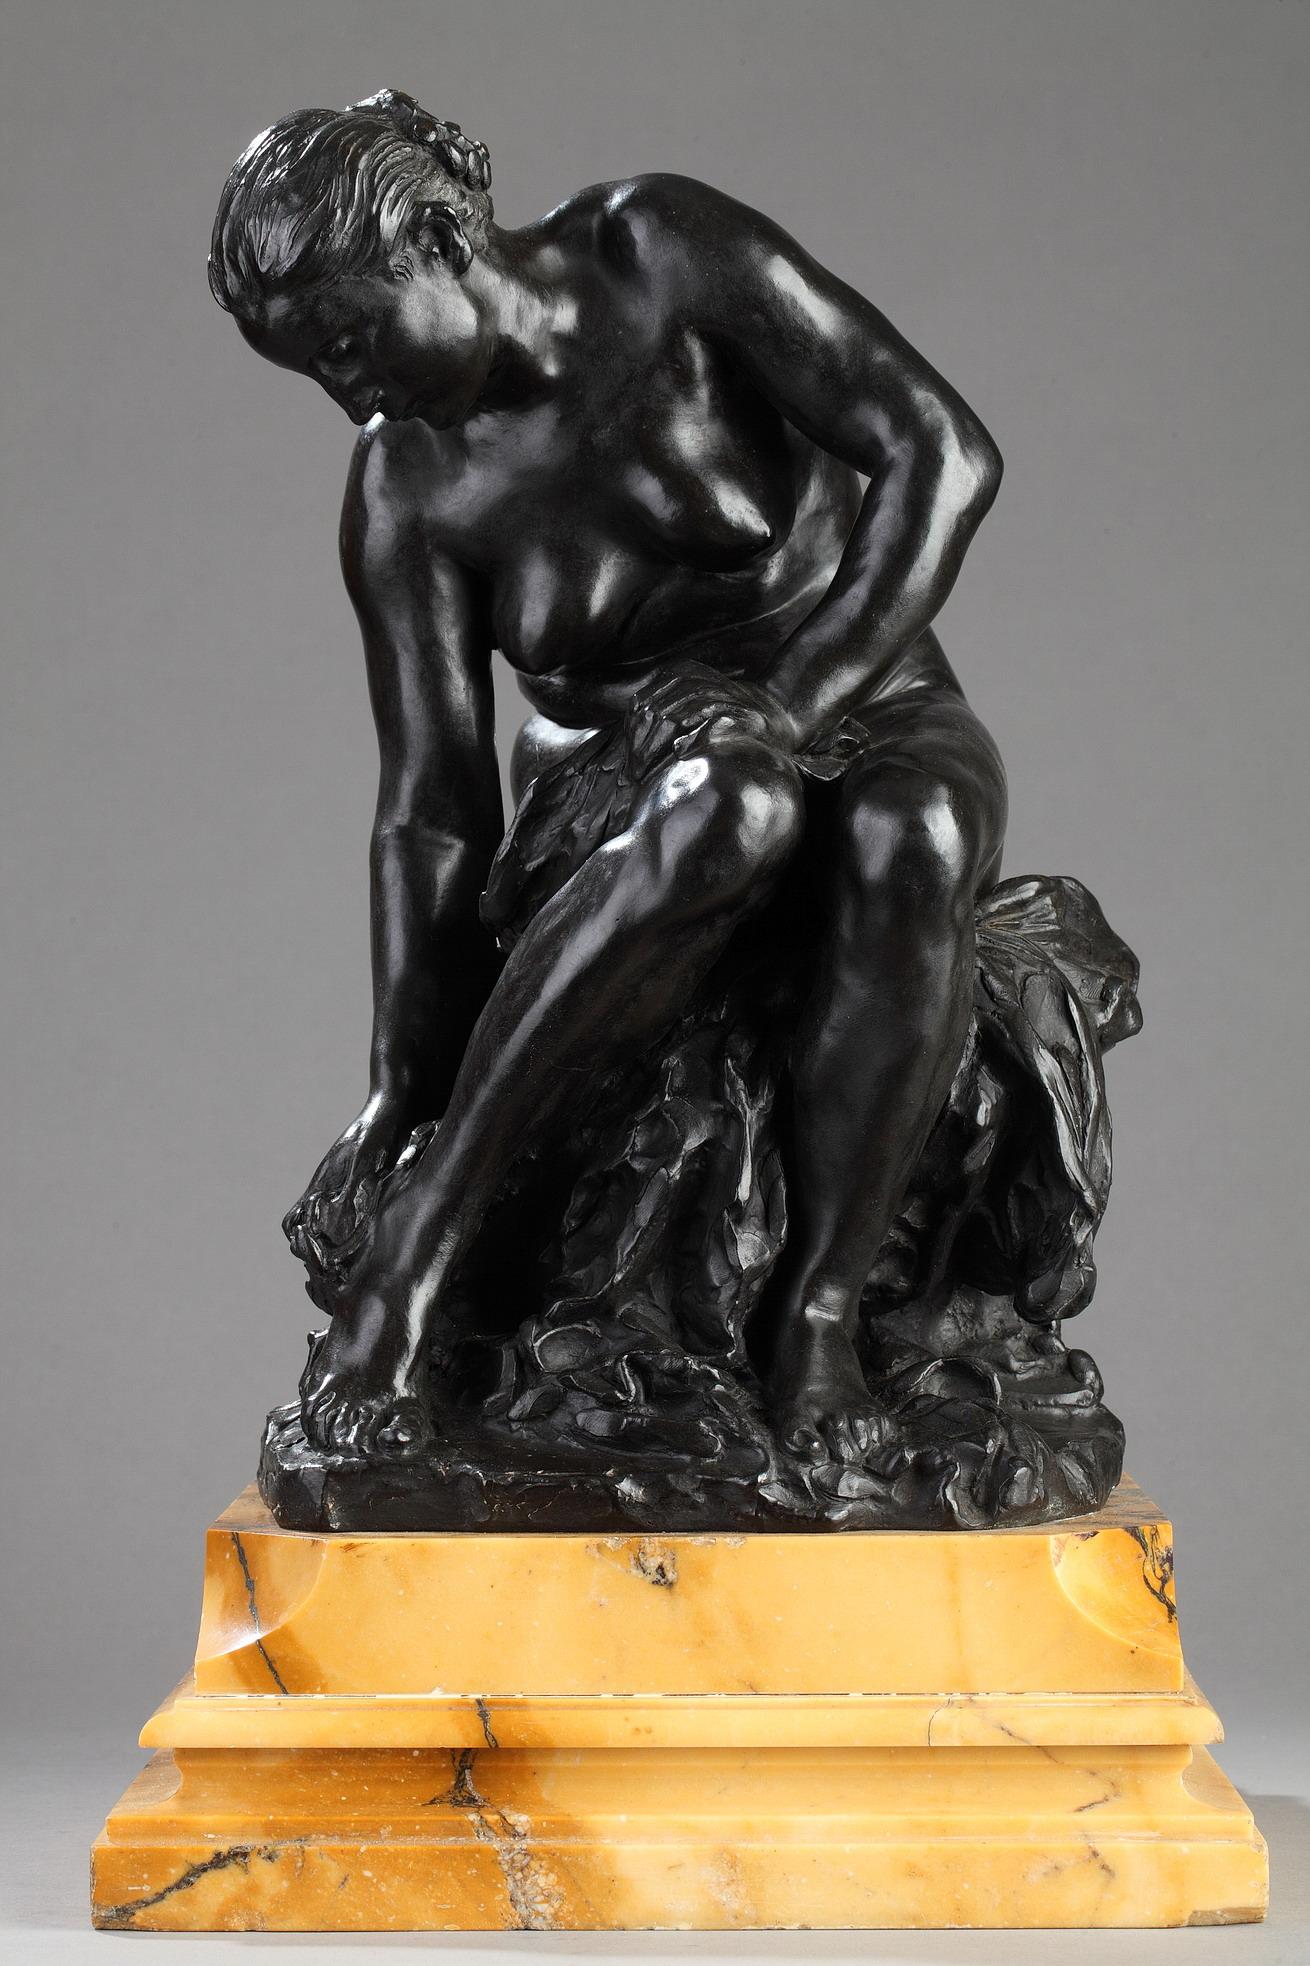 """Jules Dalou (1838-1902), """"Baigneuse"""" ou """"Suzanne"""", bronze à patine brune, fonte Hébrard, haut. totale 43,5 cm, sculptures - galerie Tourbillon, Paris"""